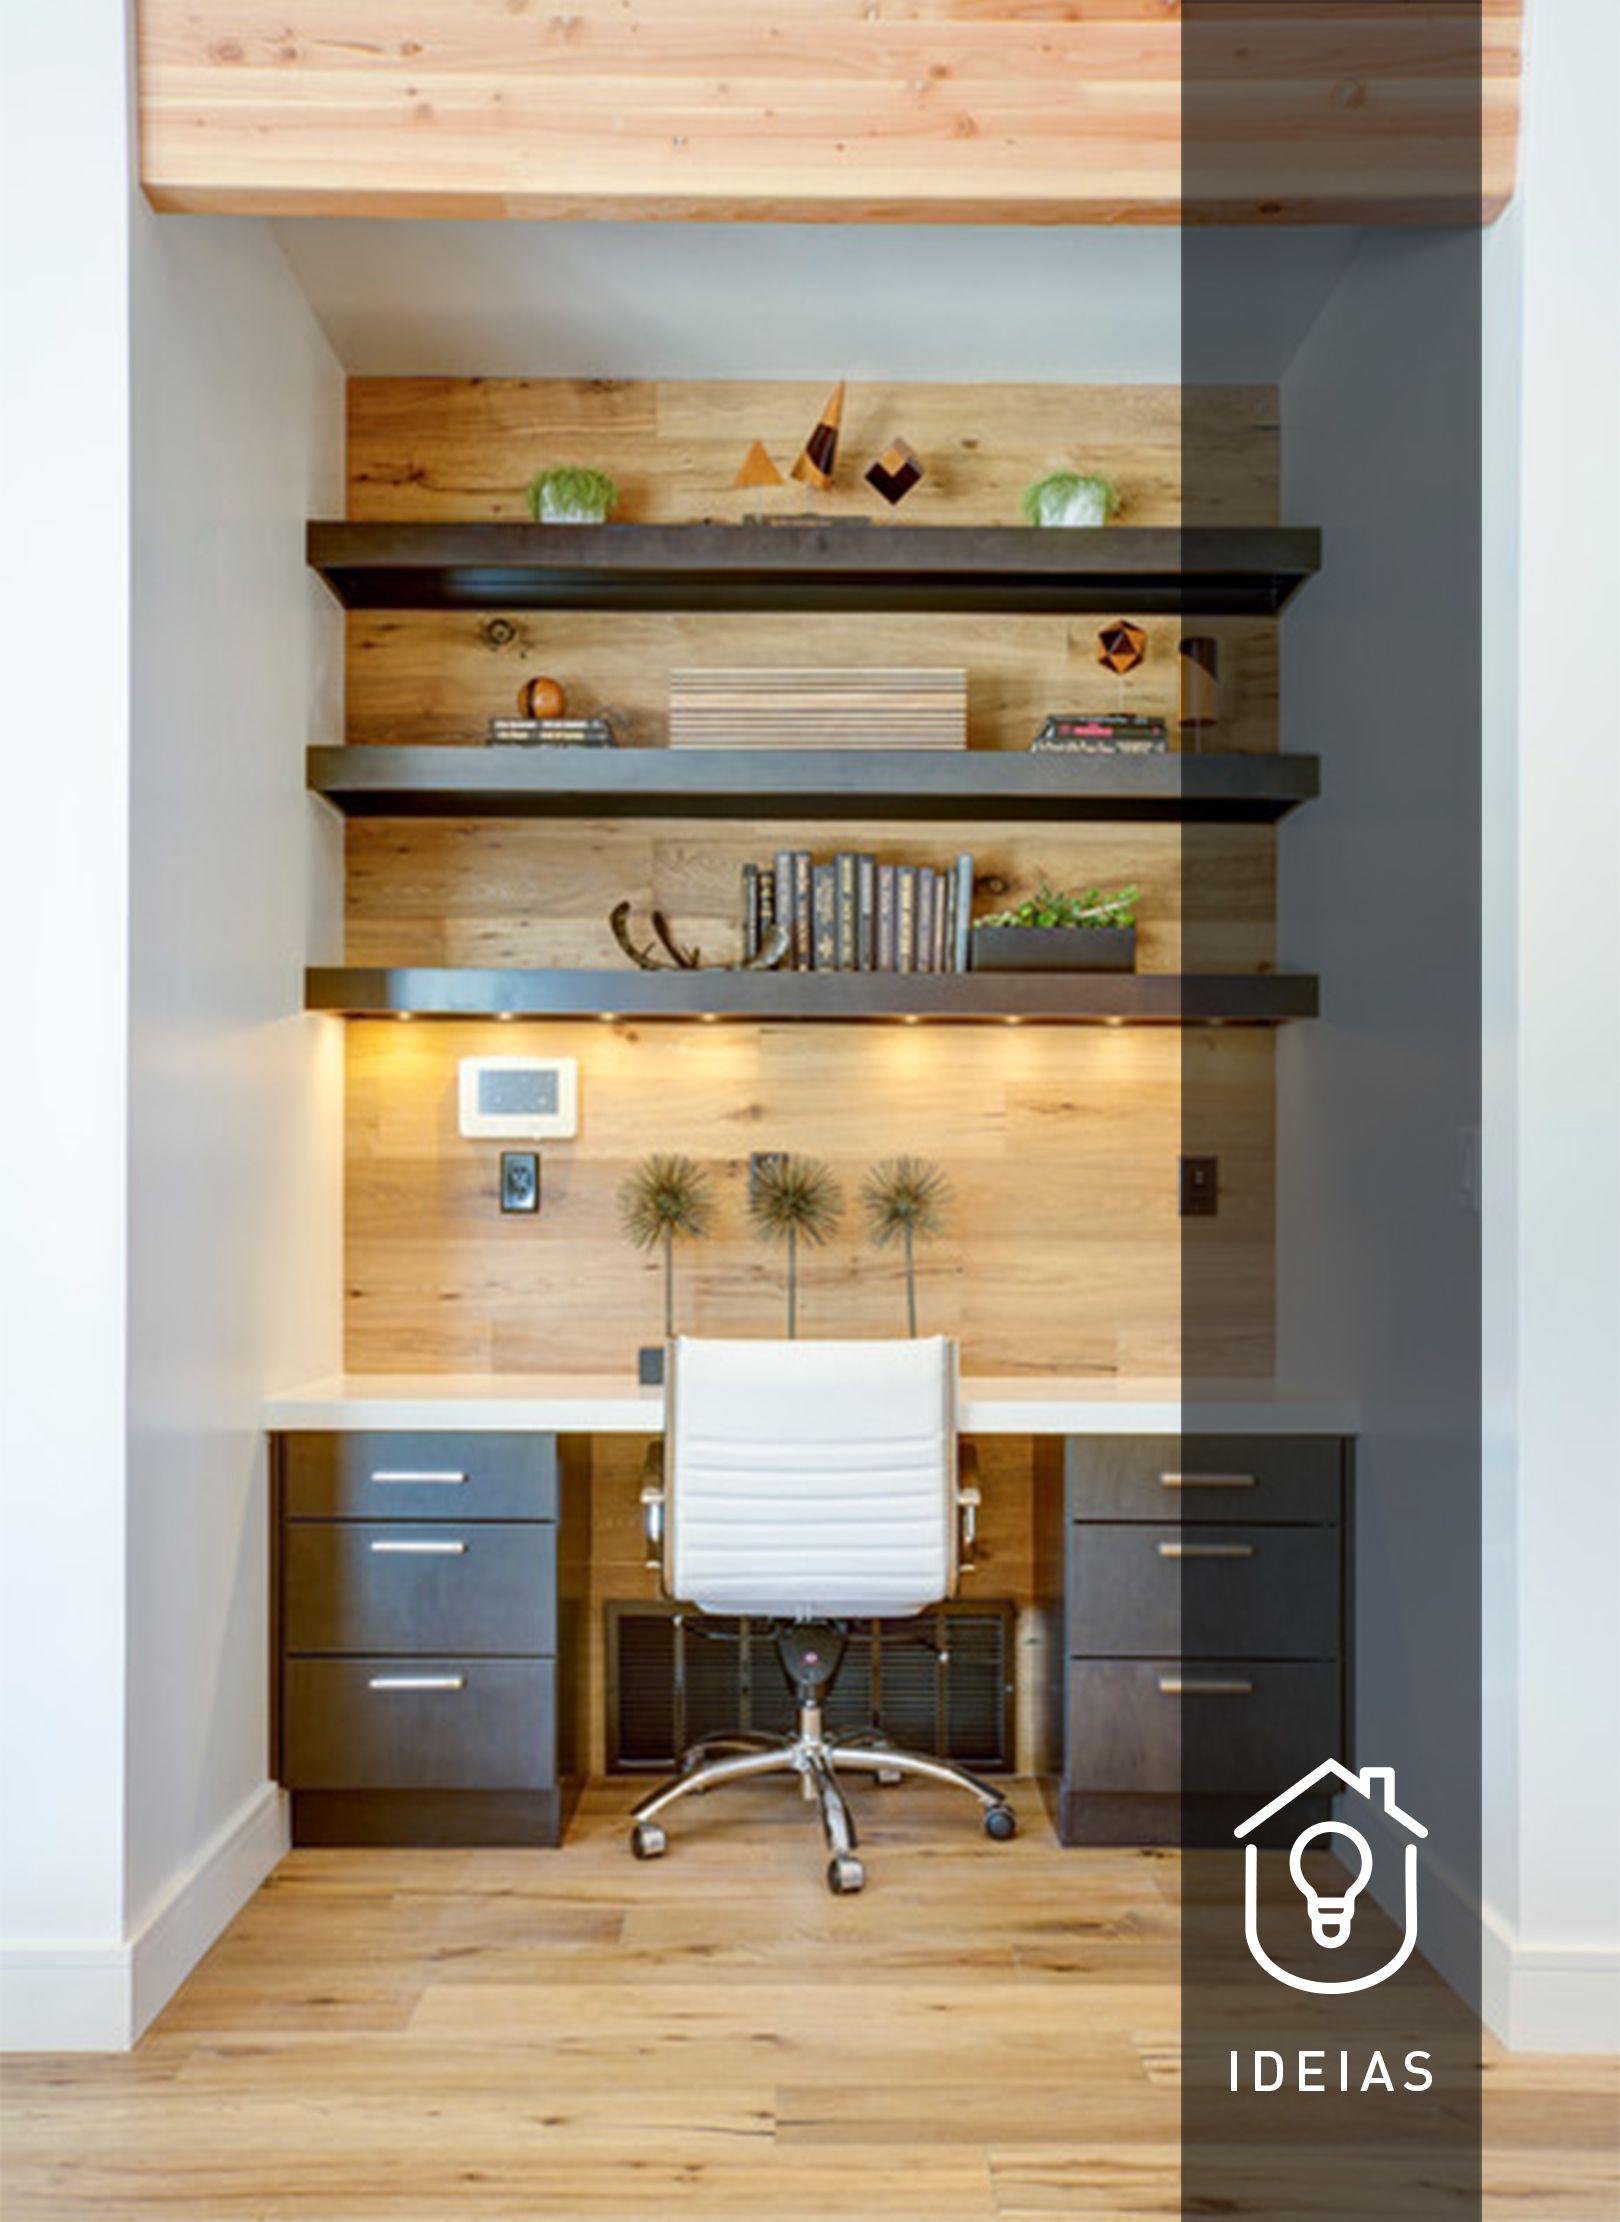 Ideias De Construção E Decoração Do Espaço At Home Office Idemall